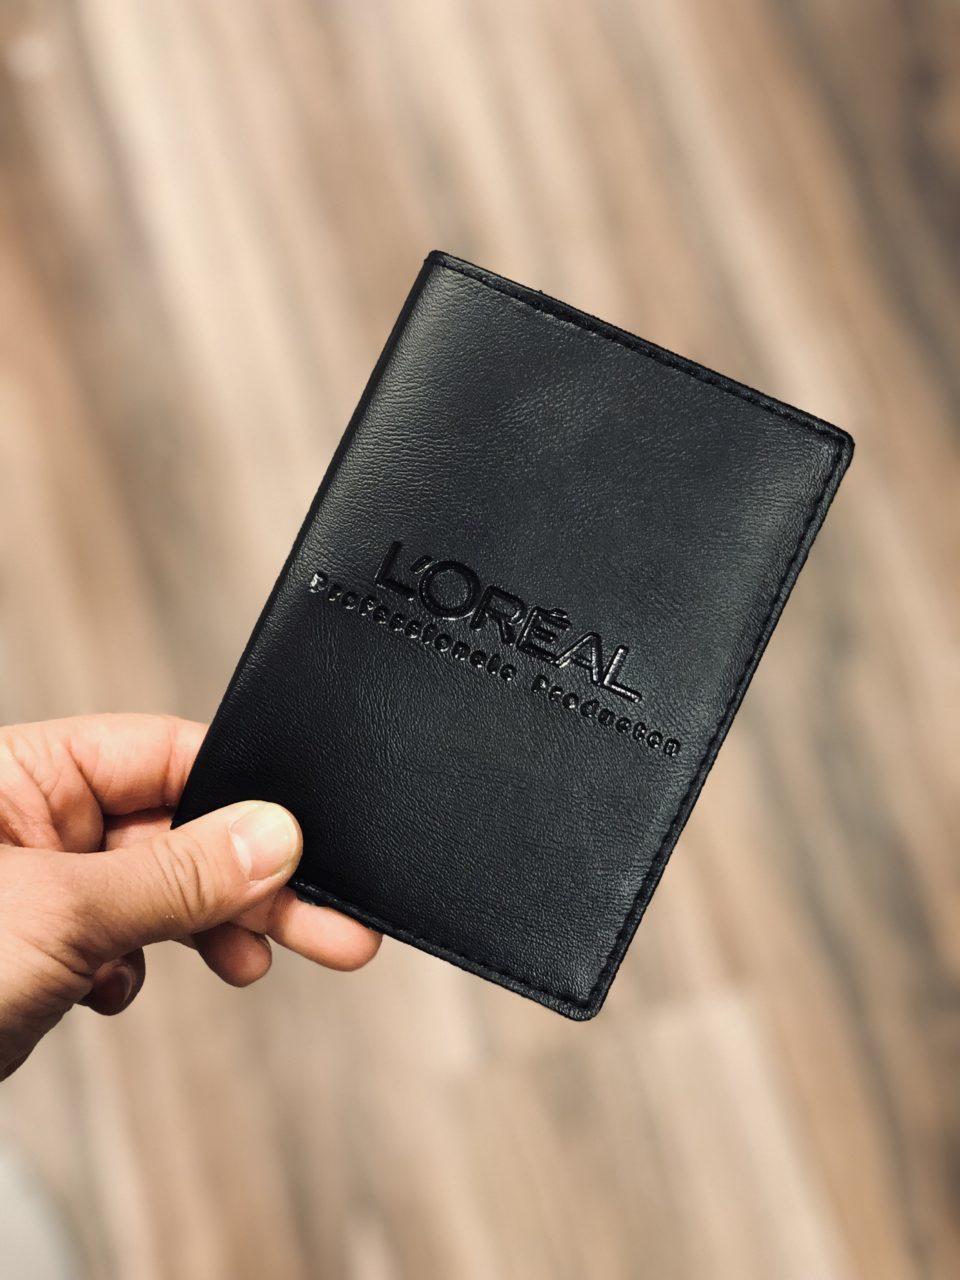 Couverture de passeport